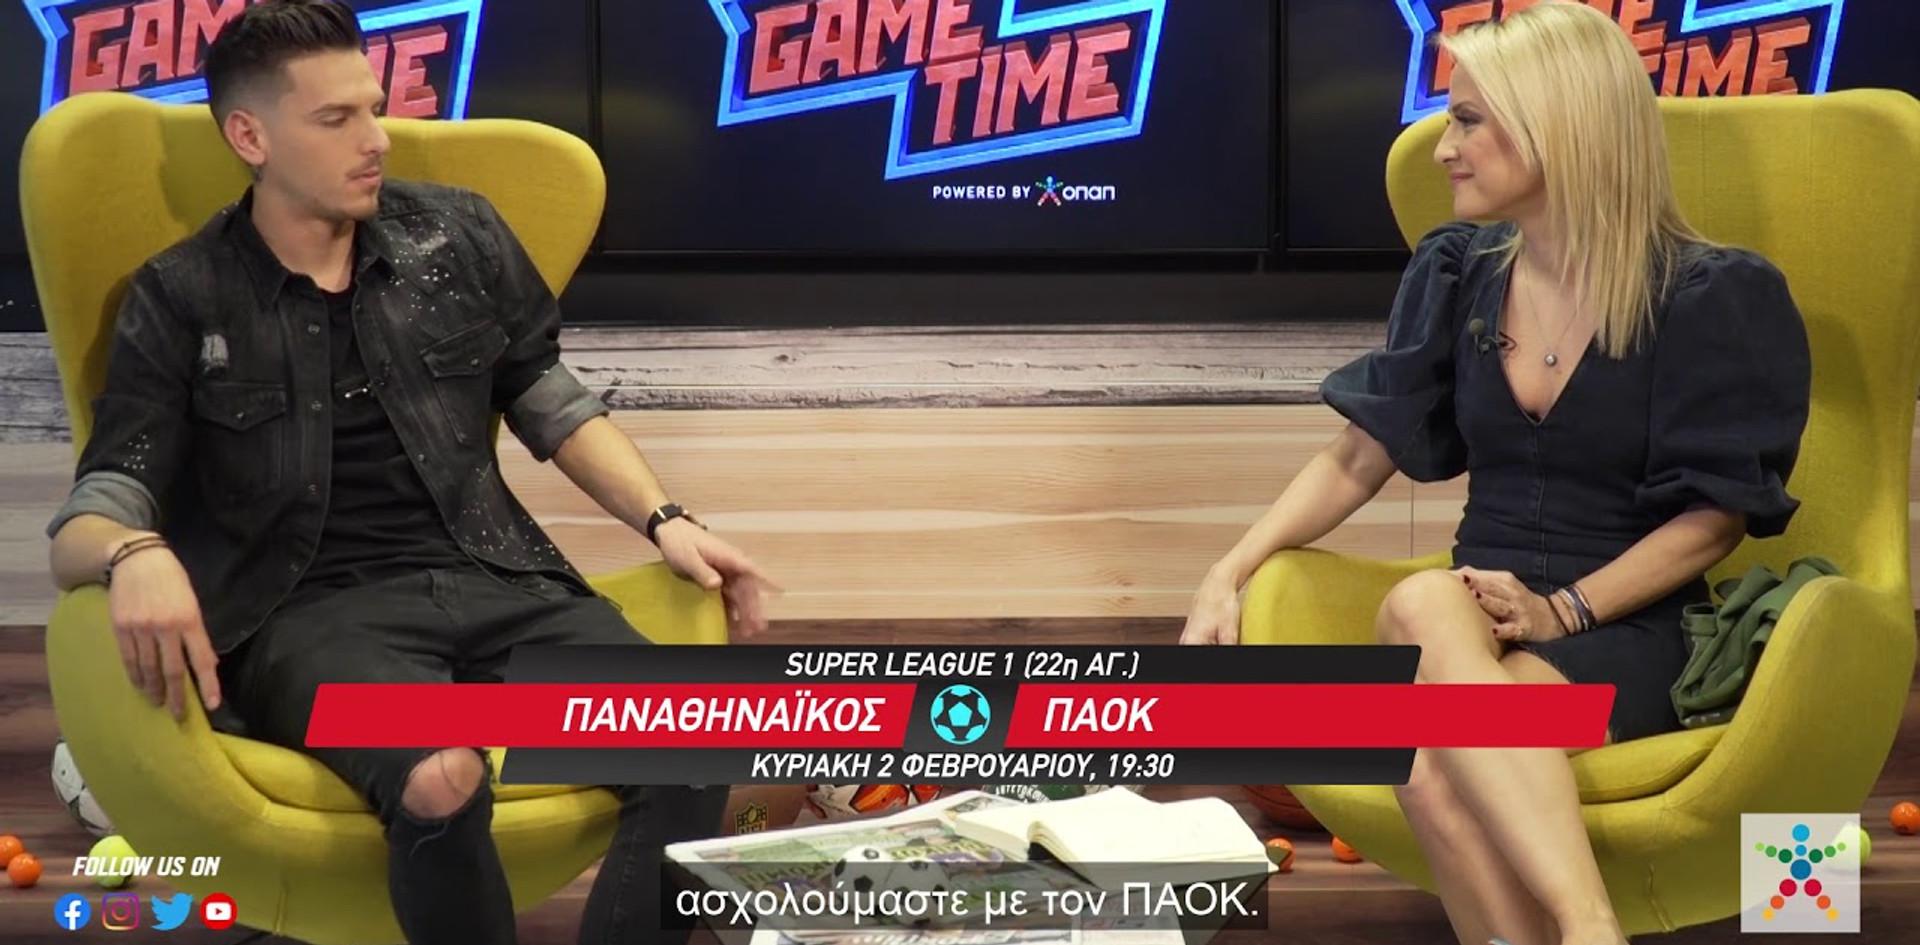 Χατζηγιοβάνης στο ΟΠΑΠ Game Time με τη Λίλα Κουντουριώτη για το ντέρμπι Παναθηναϊκός ΠΑΟΚ